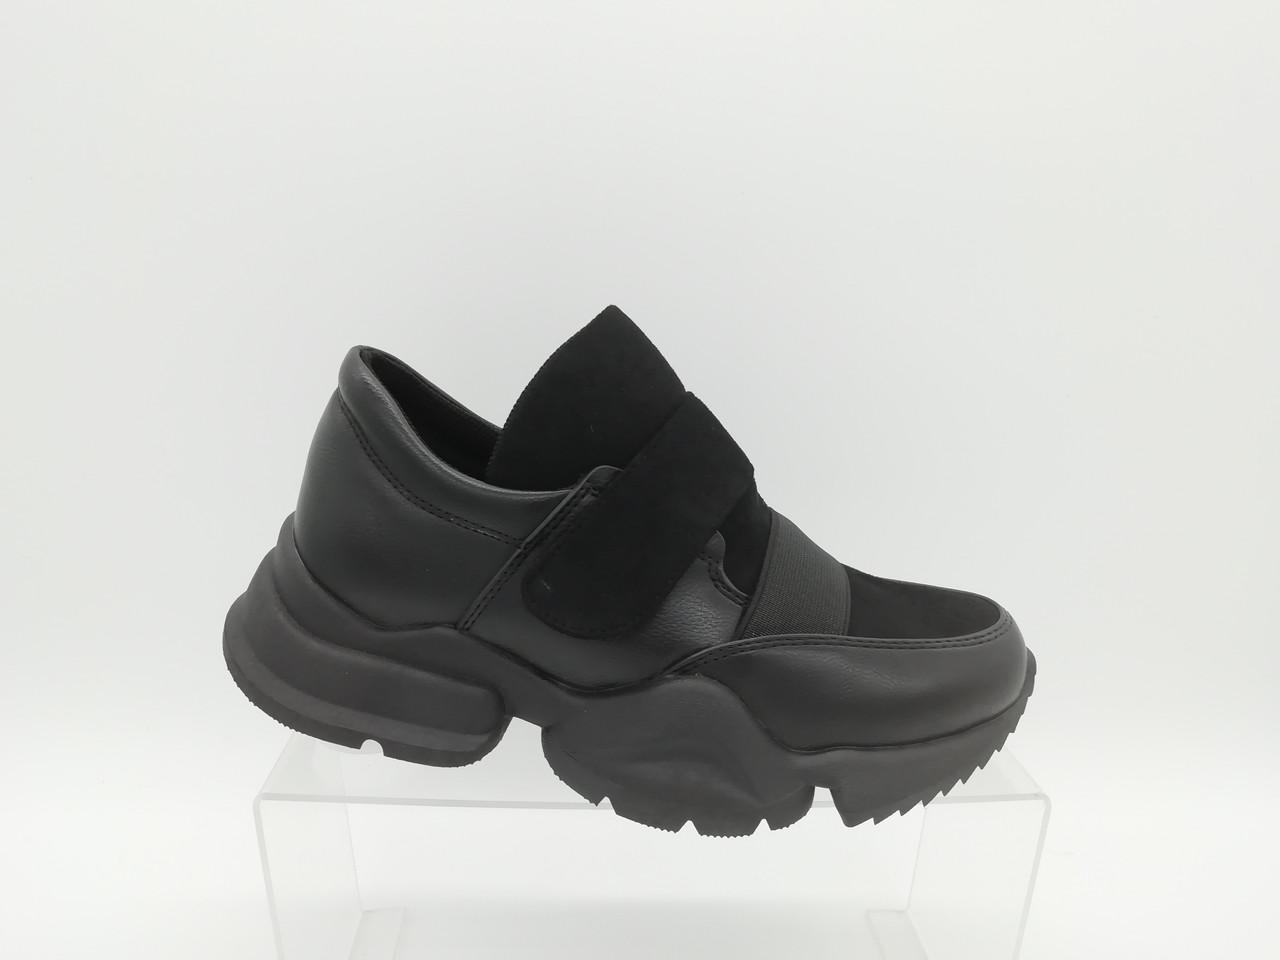 Туфлі. Кросівки. Маленькі розміри ( 33 - 35 ).